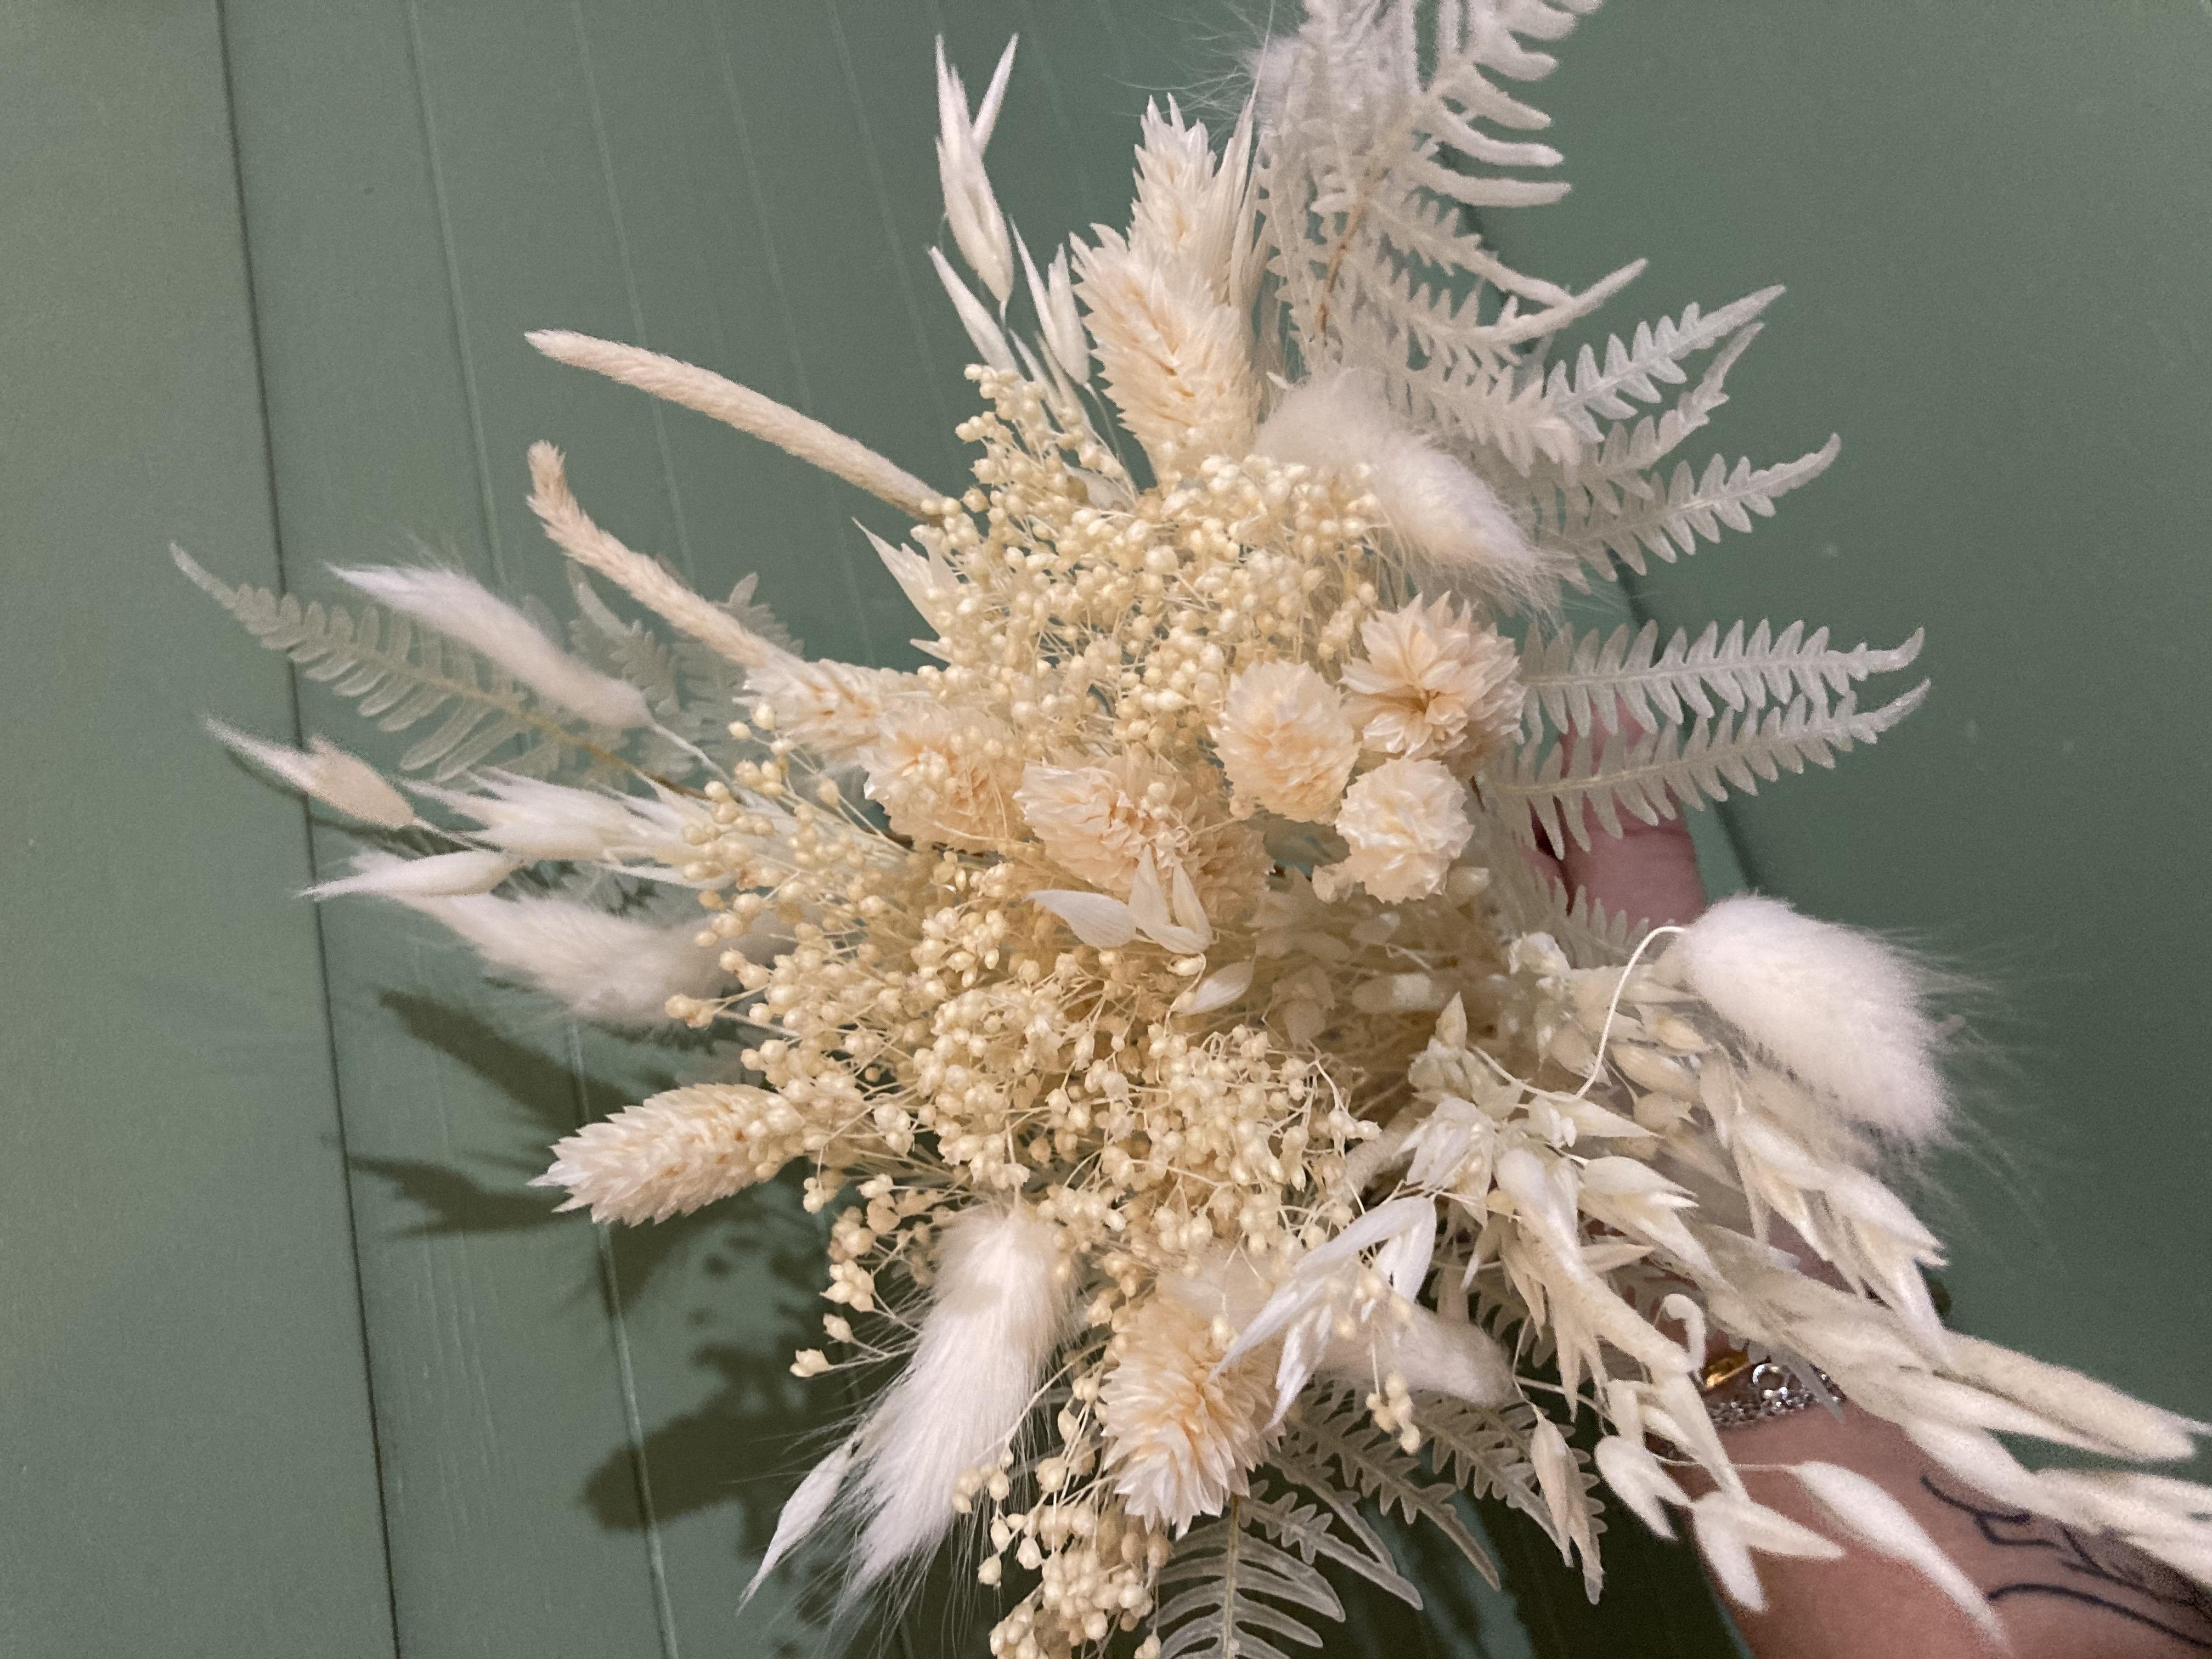 Créez vos propres compositions avec nos kits de fleurs séchés !